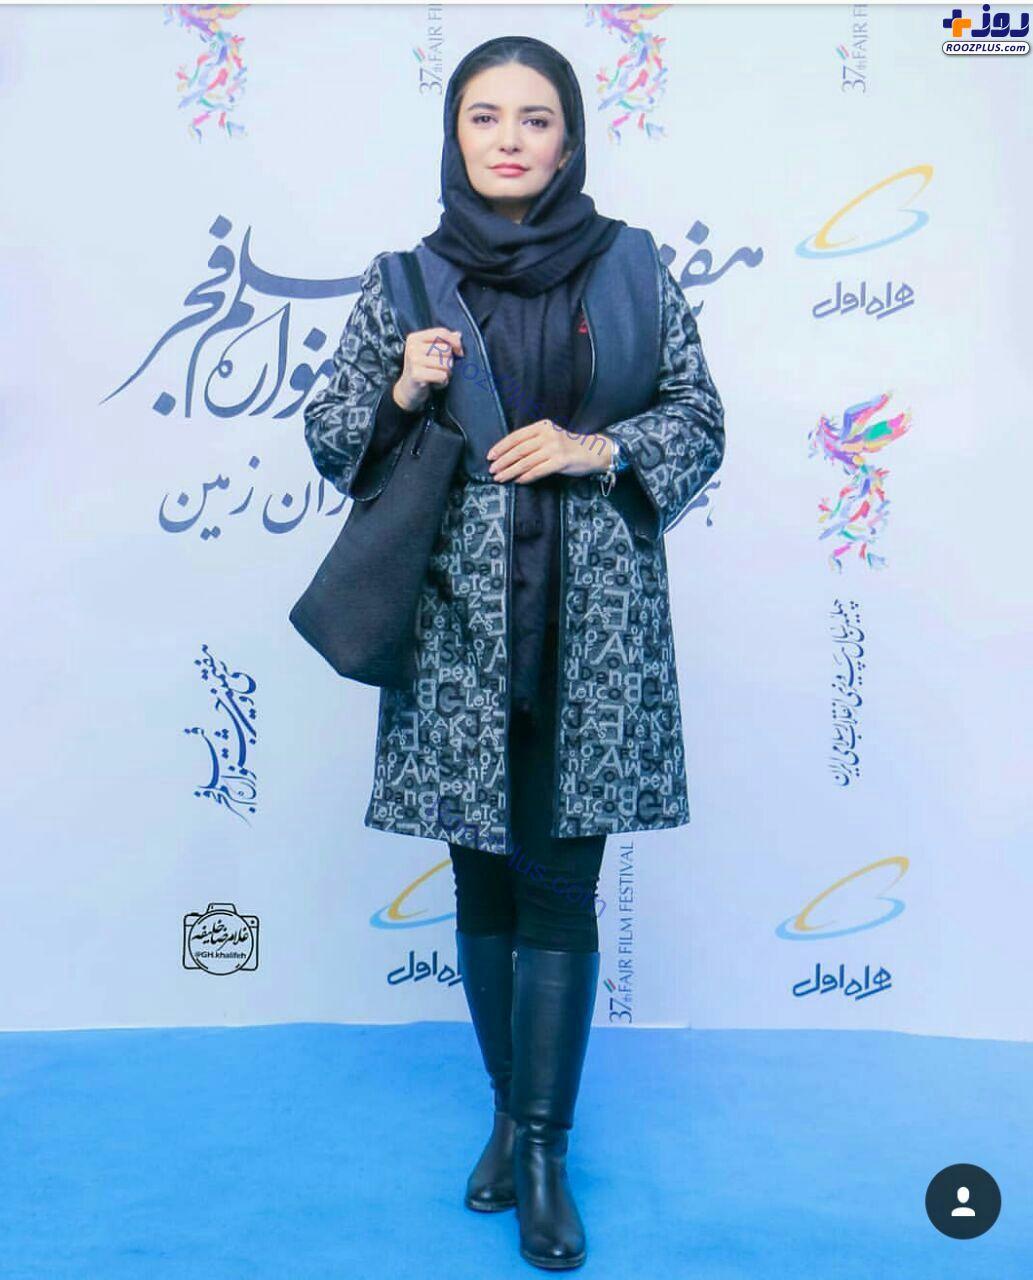 حضور متفاوت لیندا کیانی در جشنواره فیام فجر+عکس